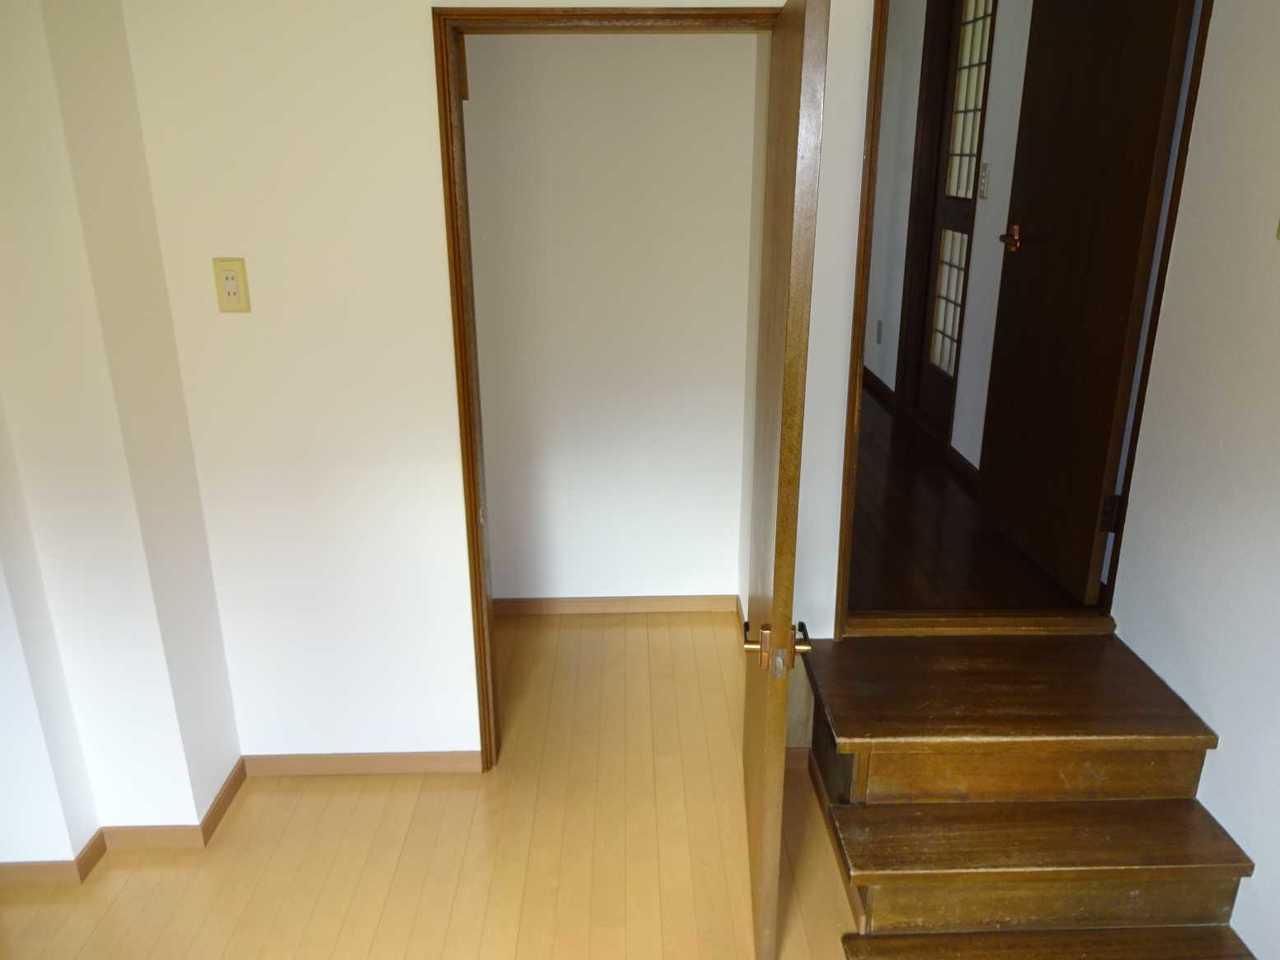 千歳市長都駅前の中古リフォーム住宅です。1階の洋室へと向かうまでの間にあるフリールームです。スタディルーム・物干しスペースとしてご利用いただけます。階段下収納もあります。